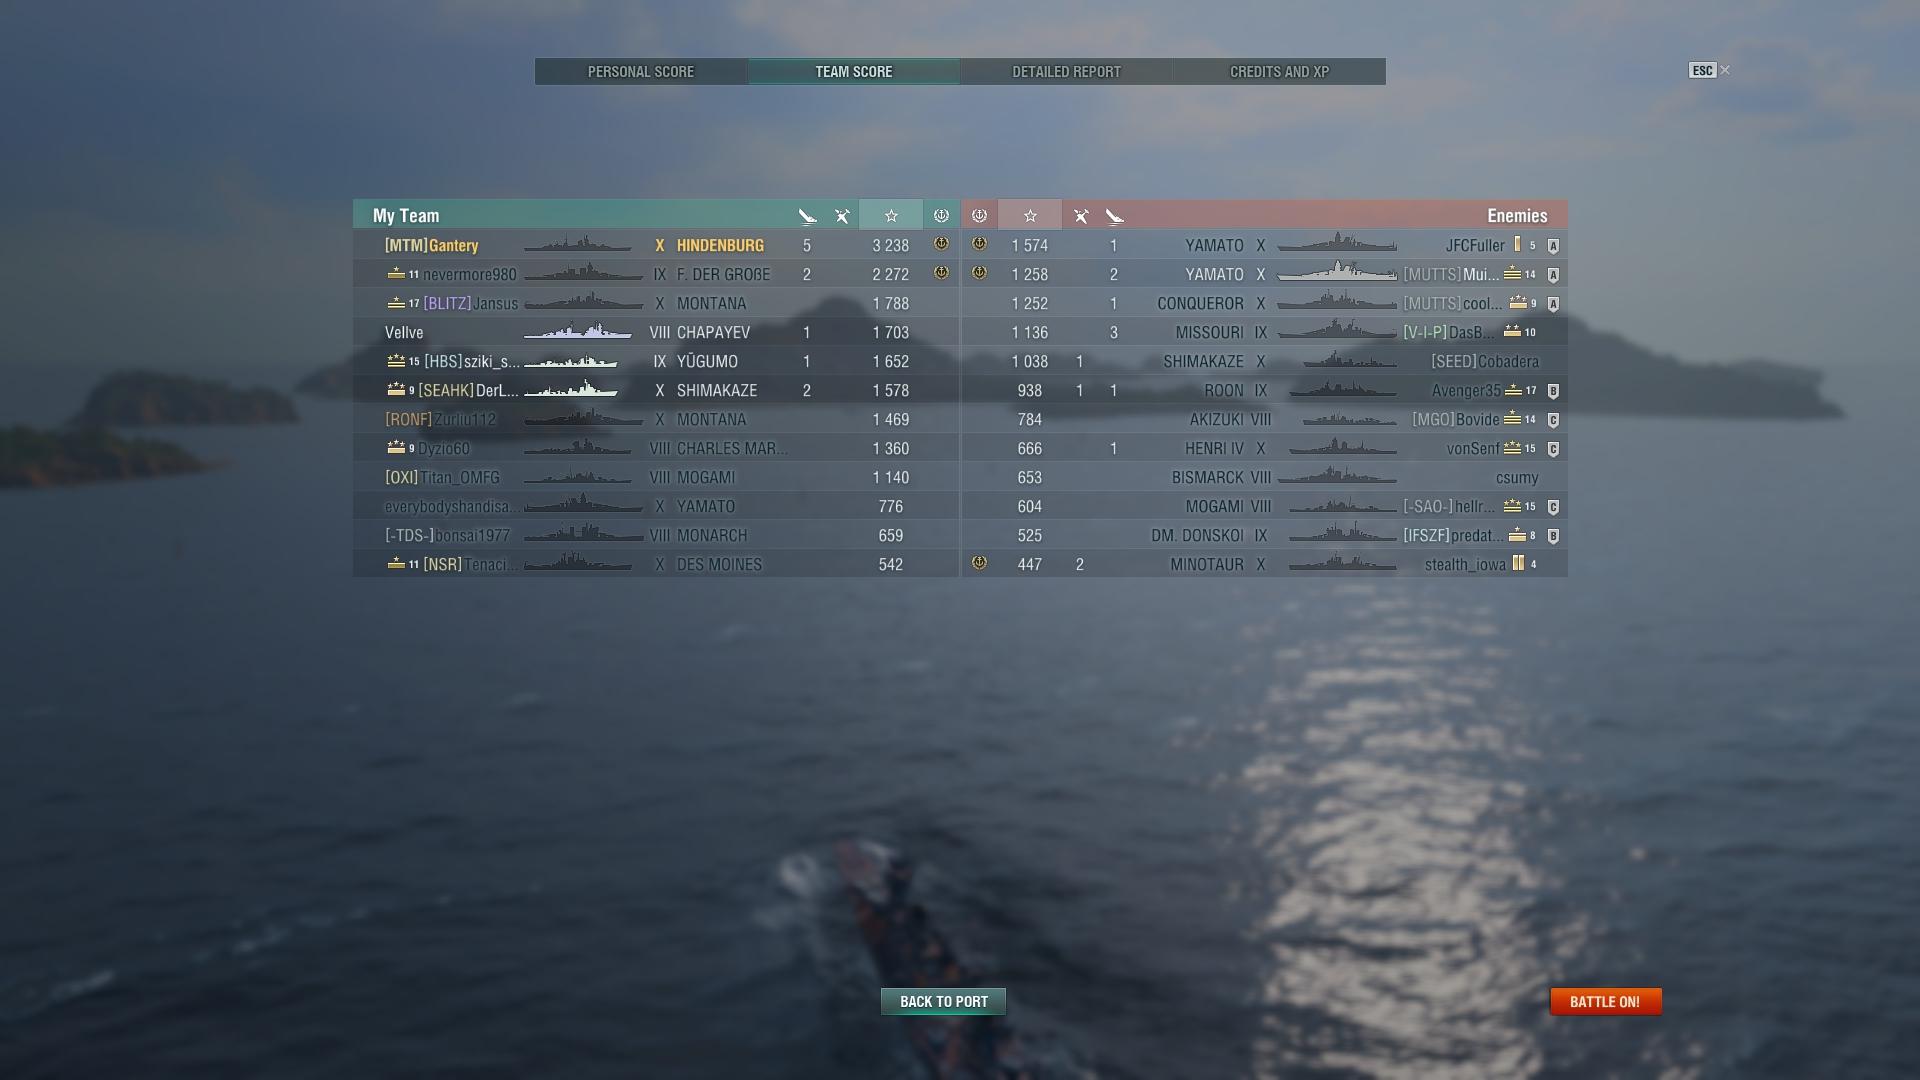 shot-18.04.21_23.52.59-0821.jpg